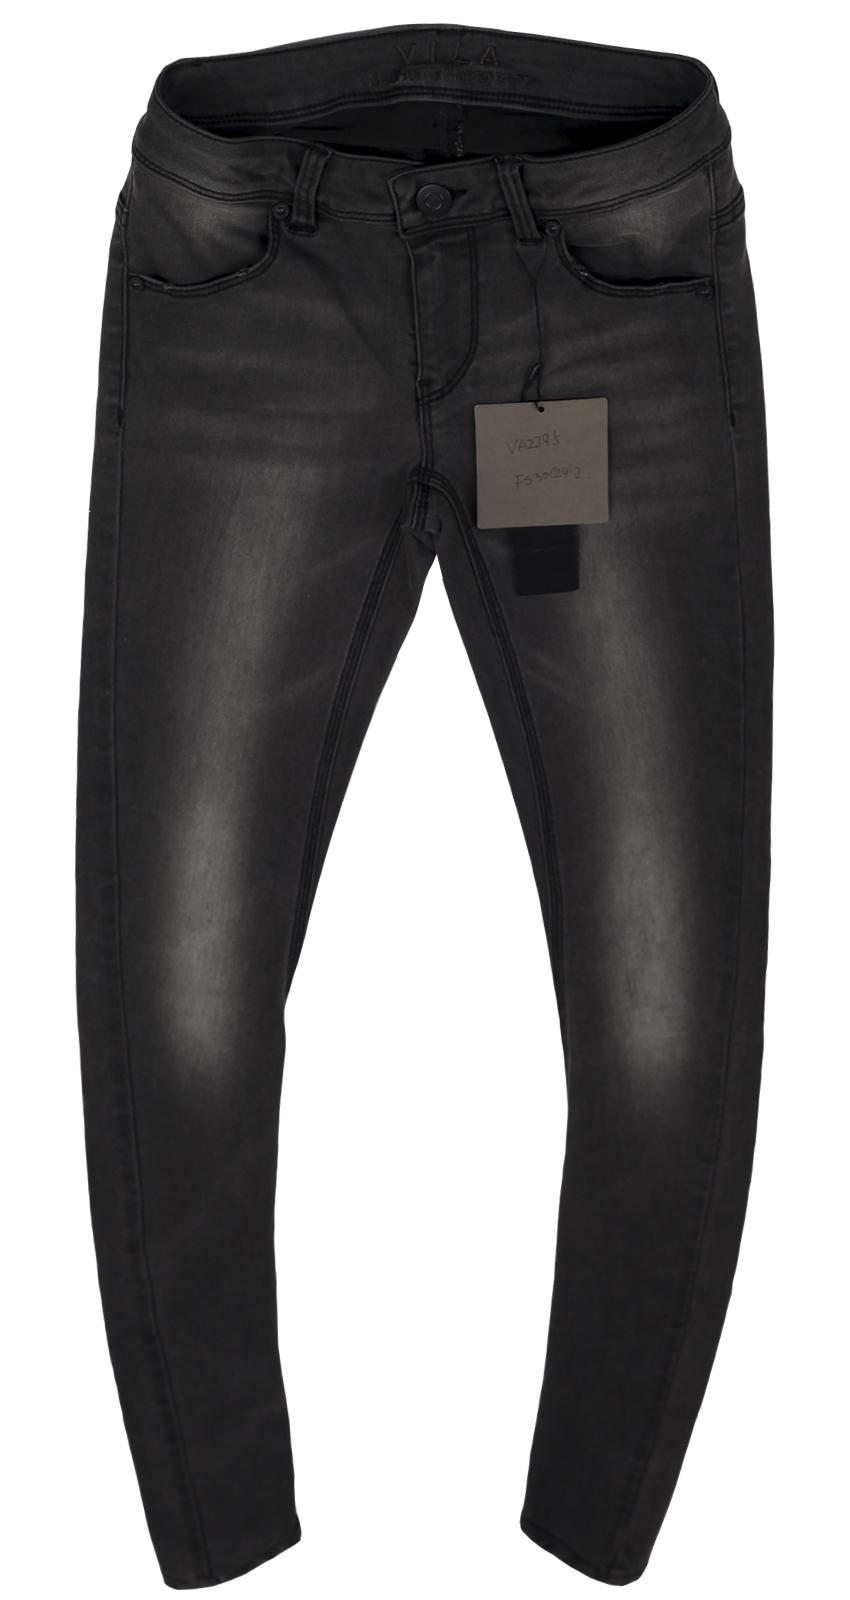 Практичные джинсы Vila. Модный покрой, стильный цвет